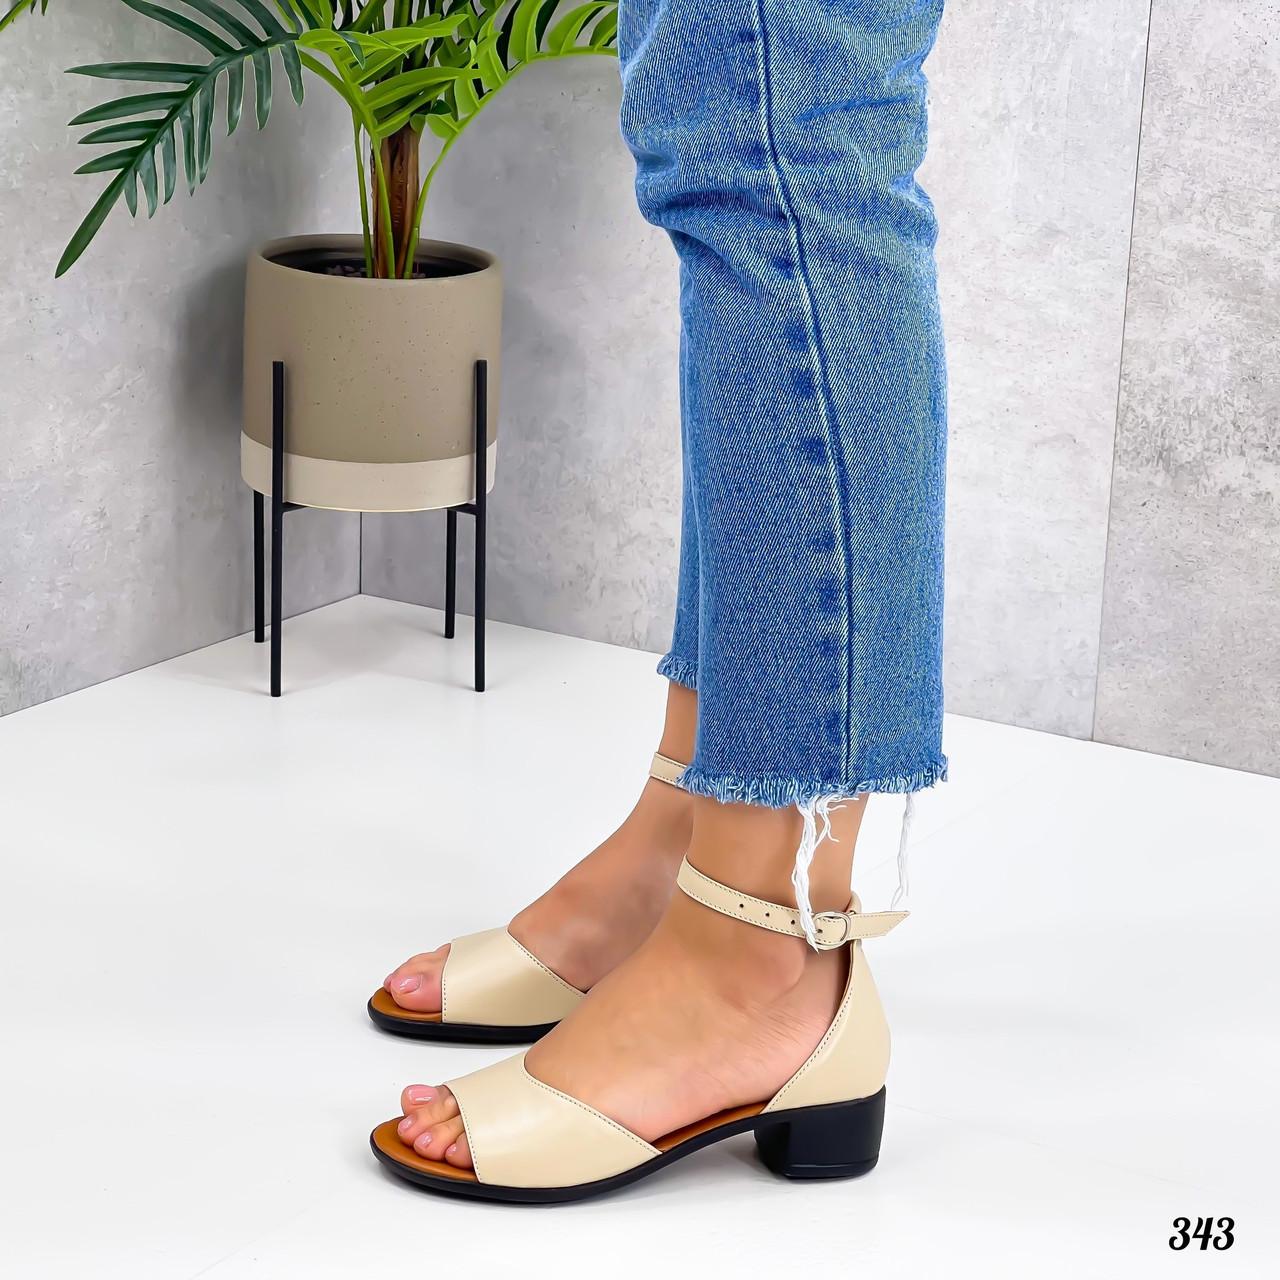 Бежевые кожаные босоножки на каблуке 4 см.